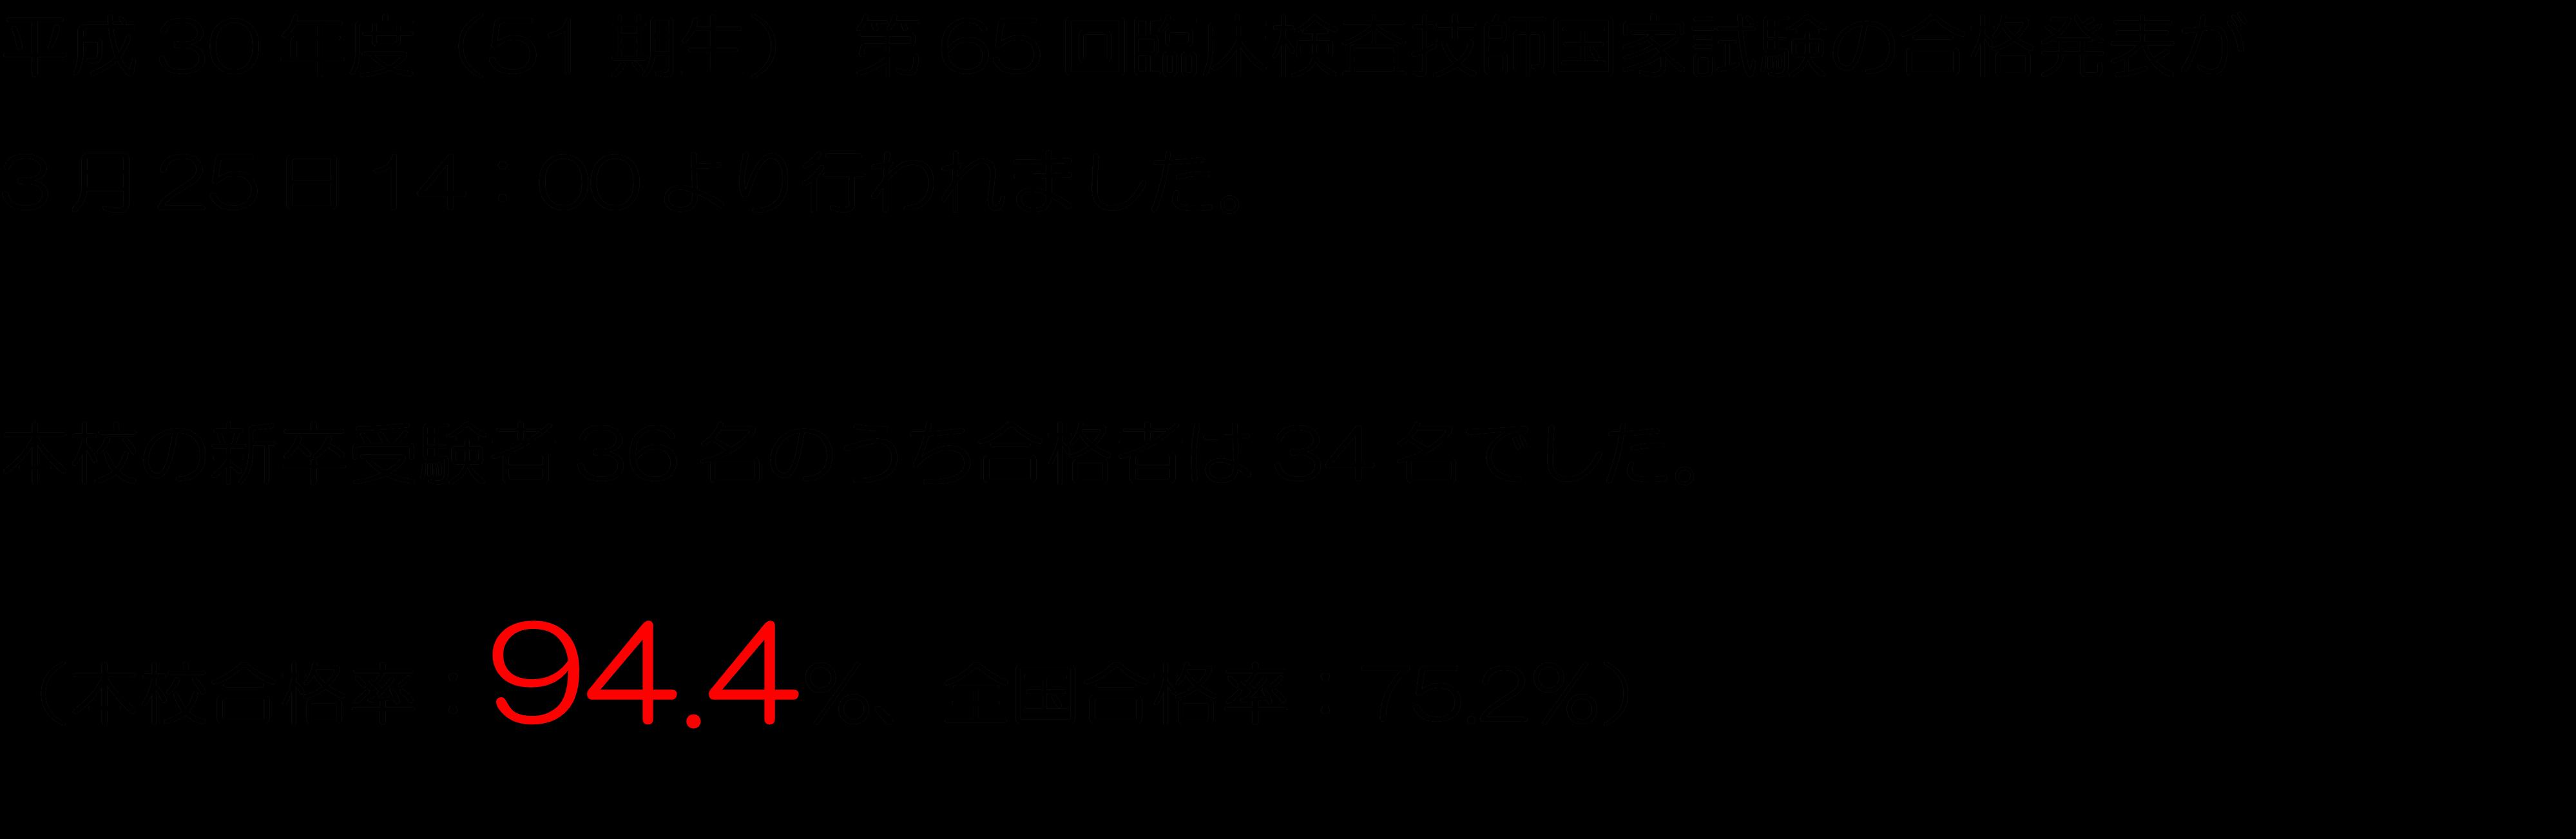 技師 試験 検査 臨床 2020 国家 臨床検査技師国家試験の施行|厚生労働省